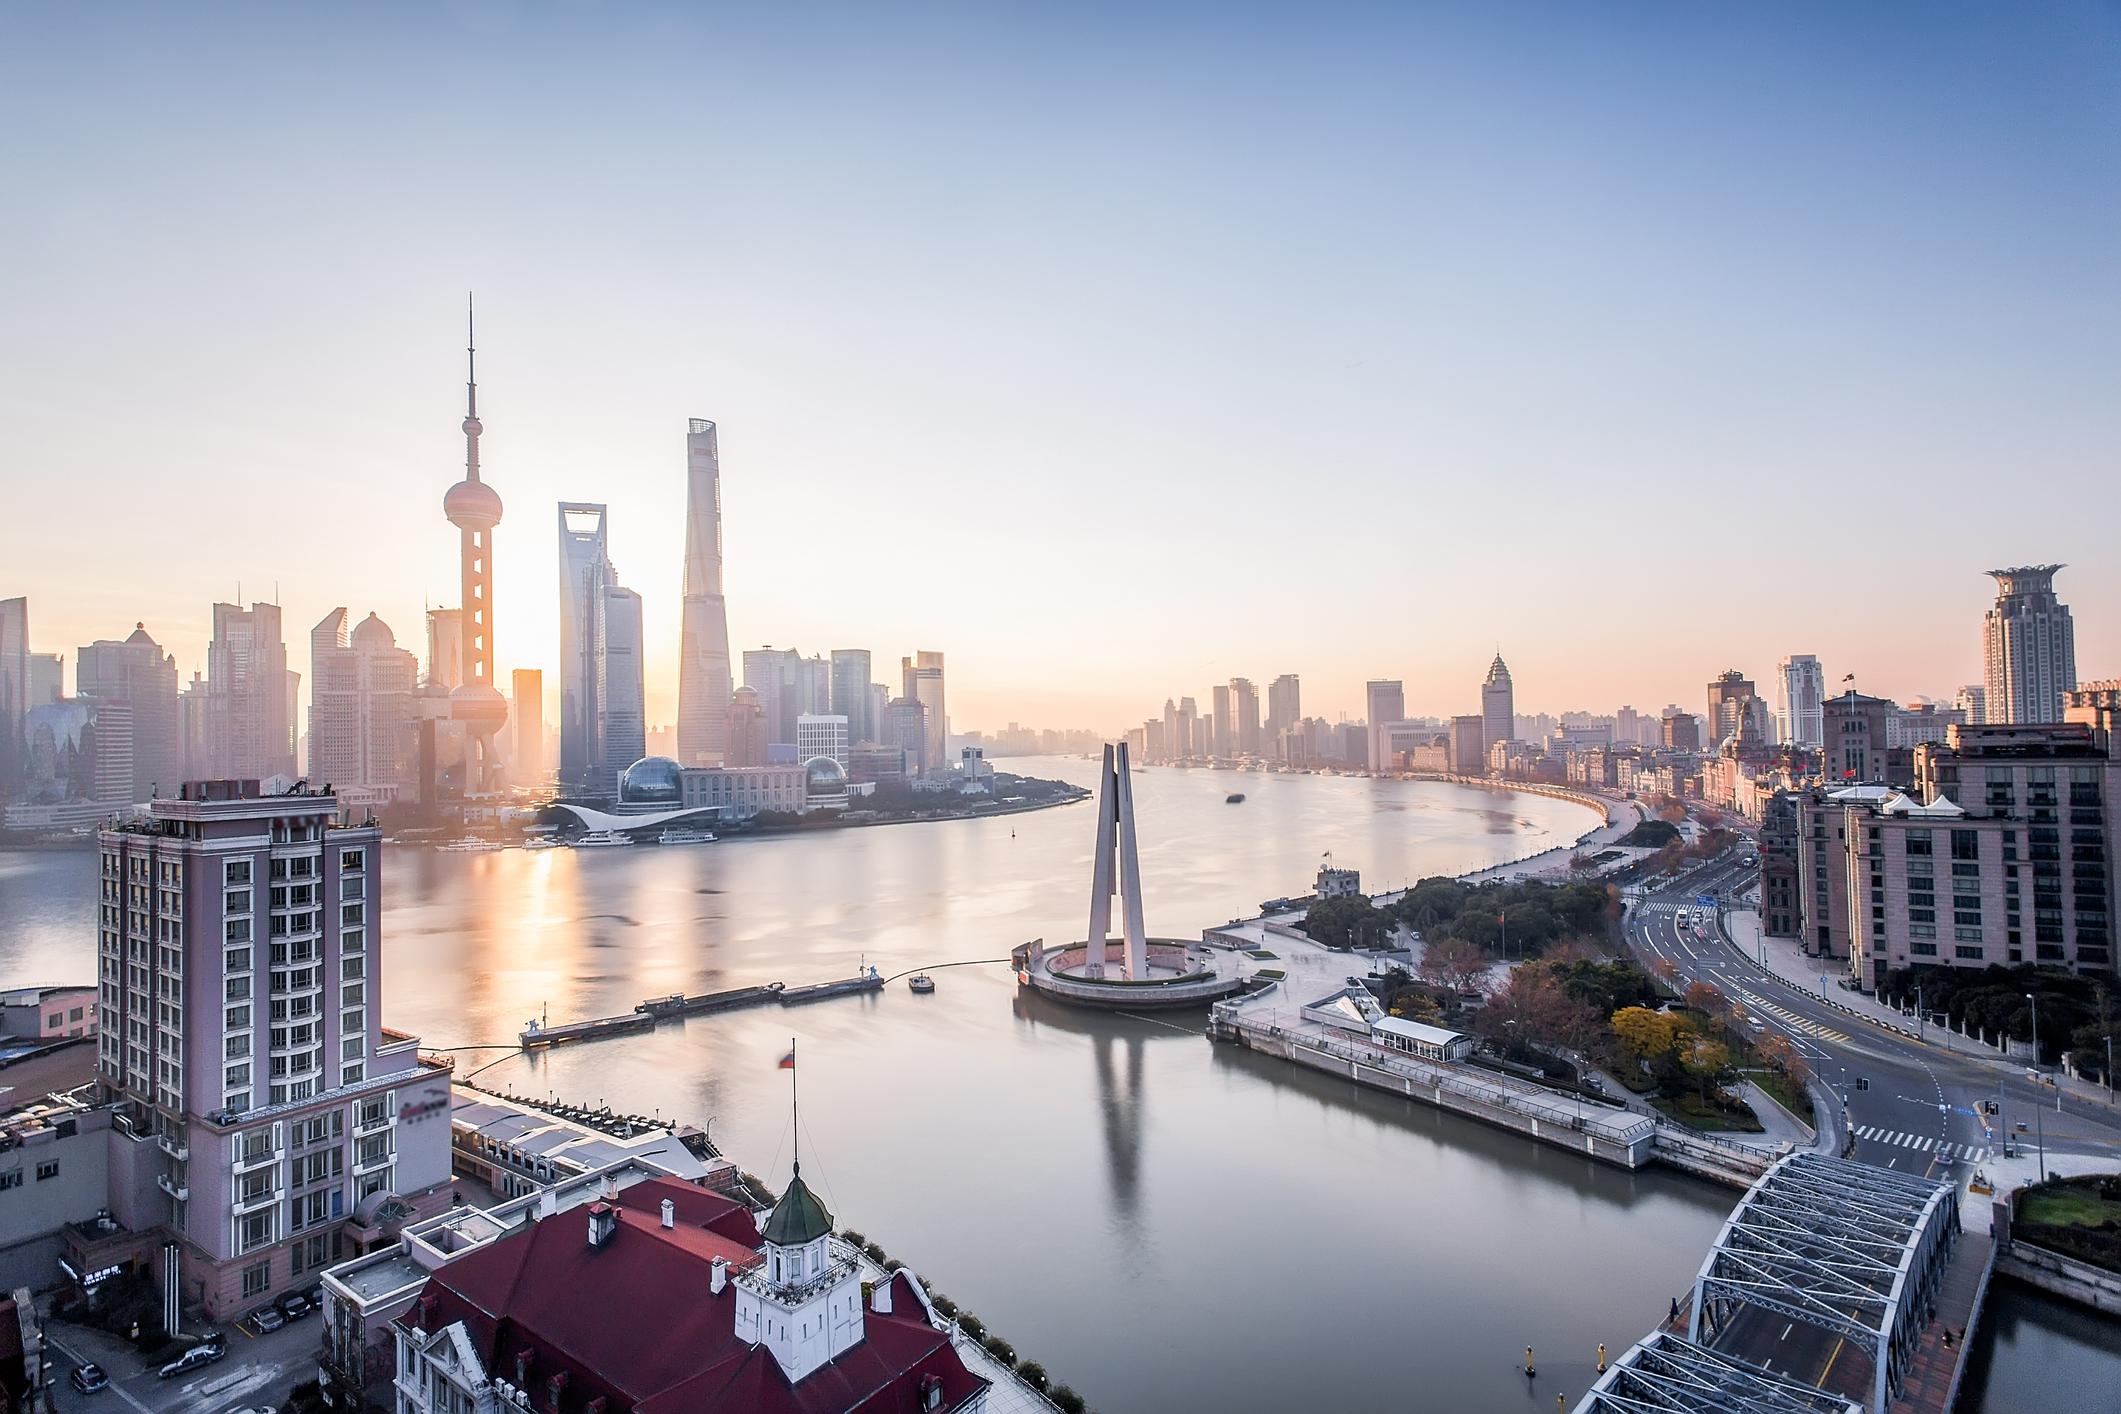 The Shanghai skyline.